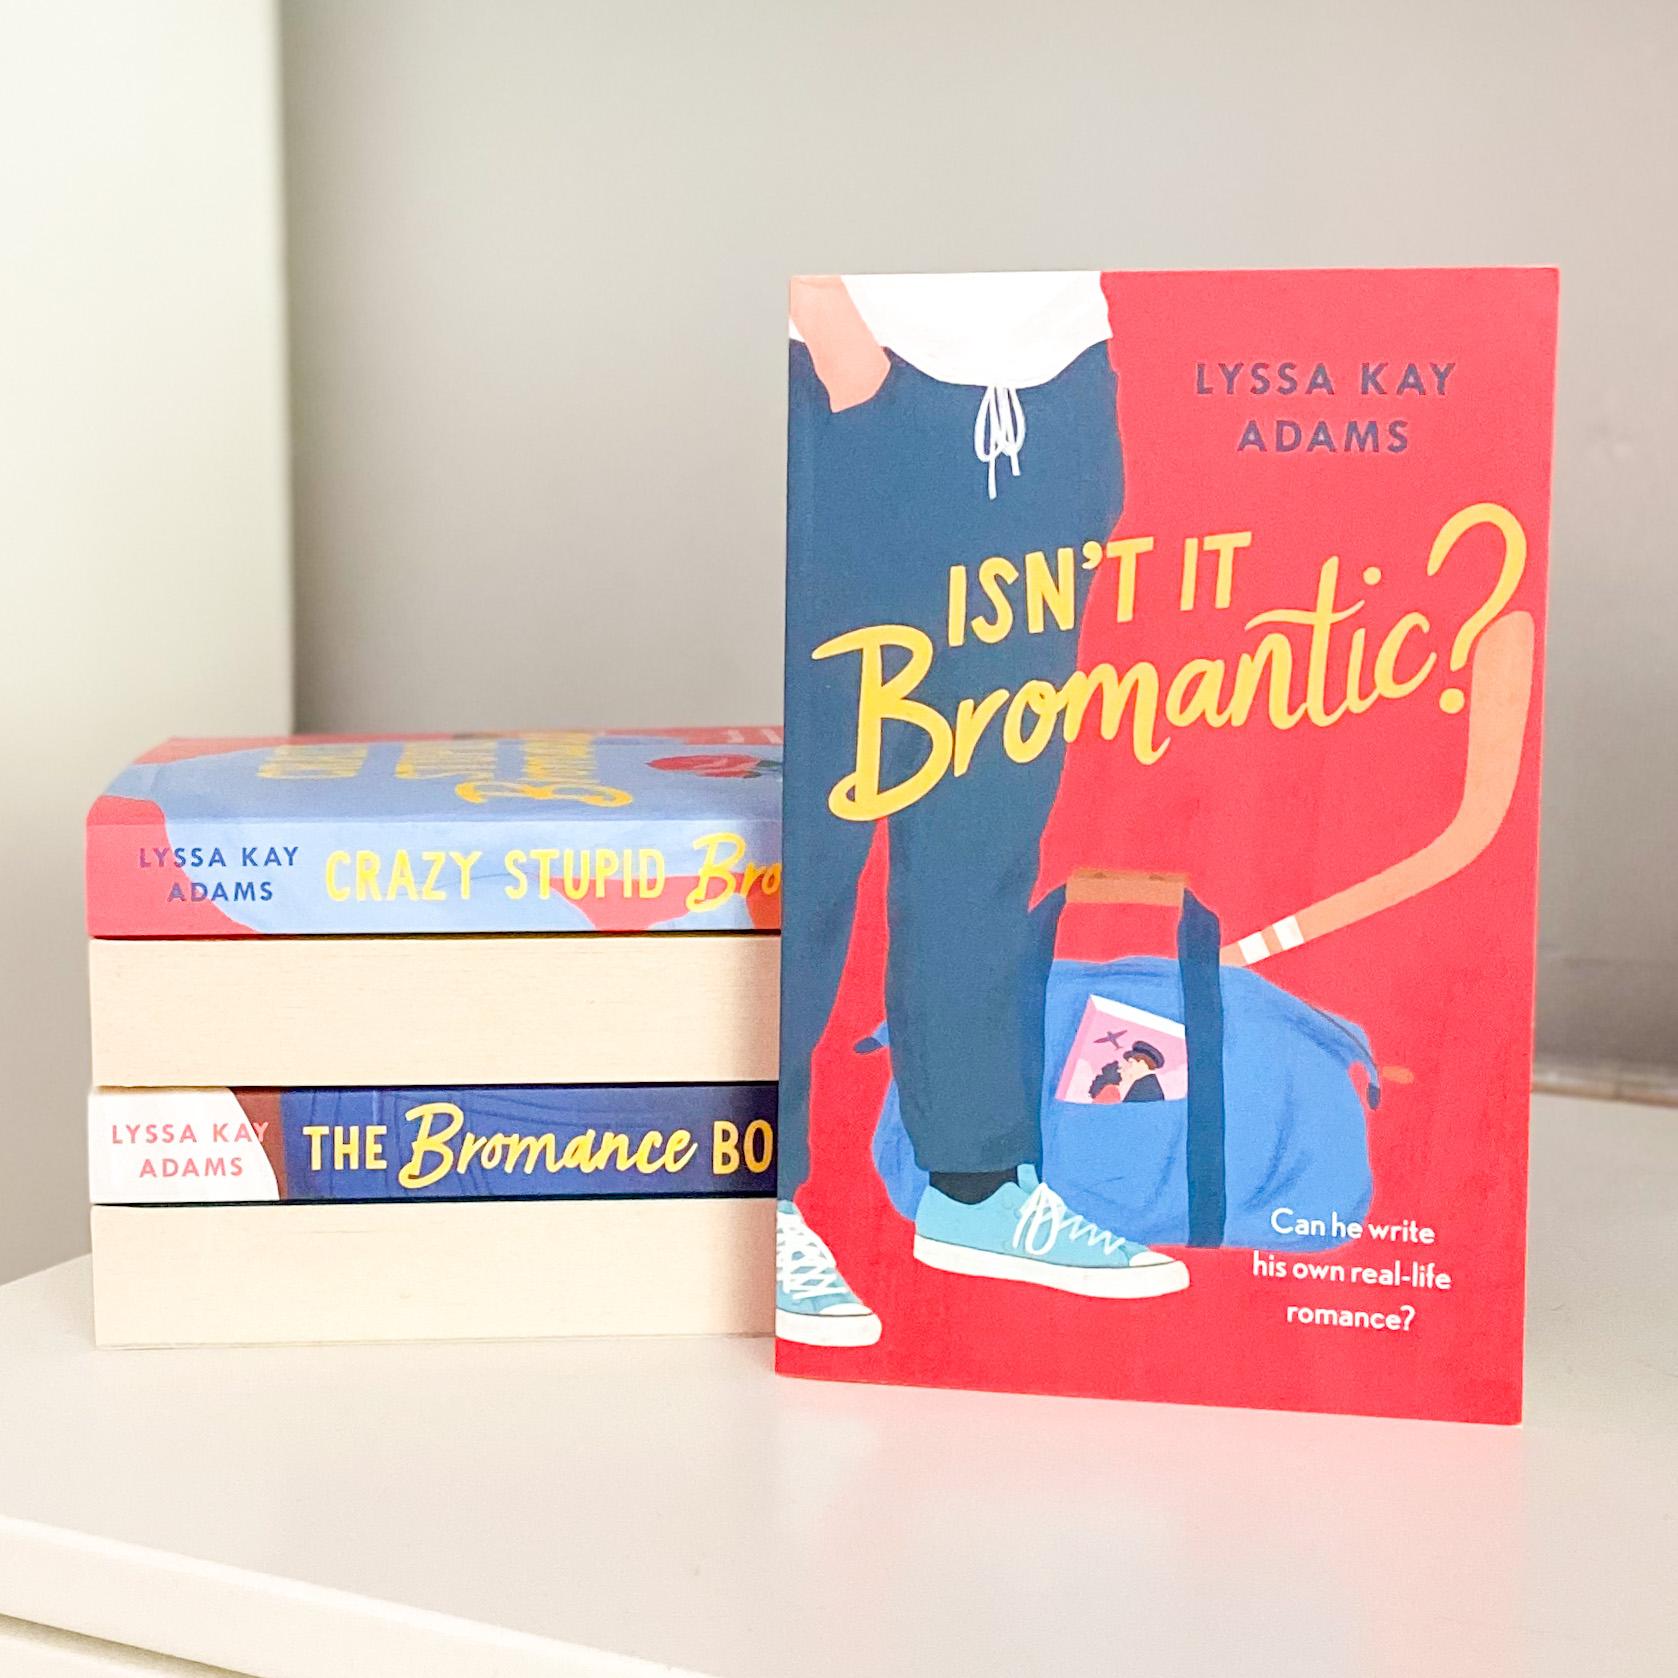 Isn't It Bromatic? - Lyssa Kay Adams | Spoiler Free Book Review